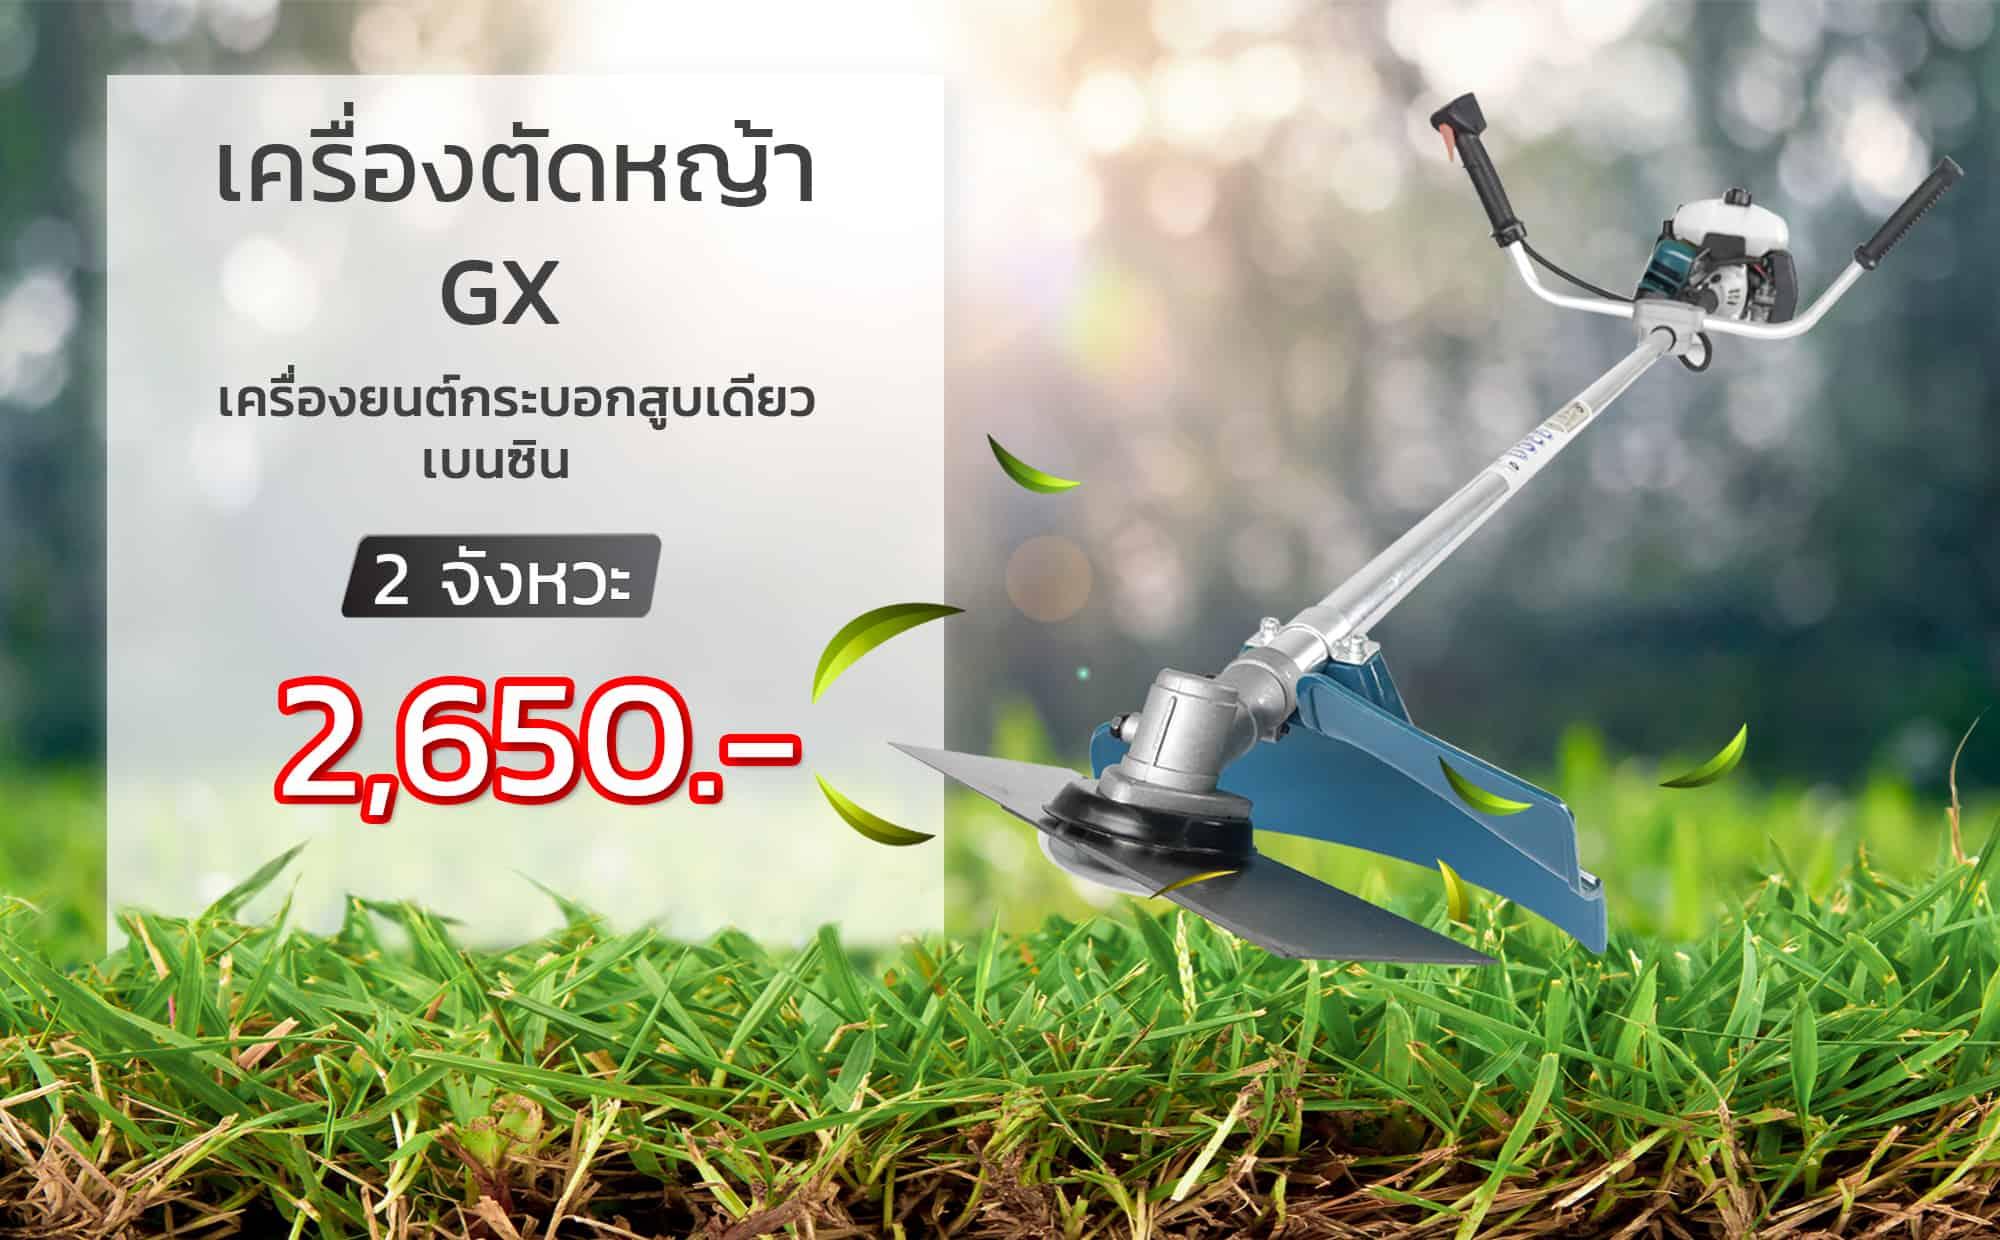 เครื่องตัดหญ้า 2 จังหวะ -ราคา